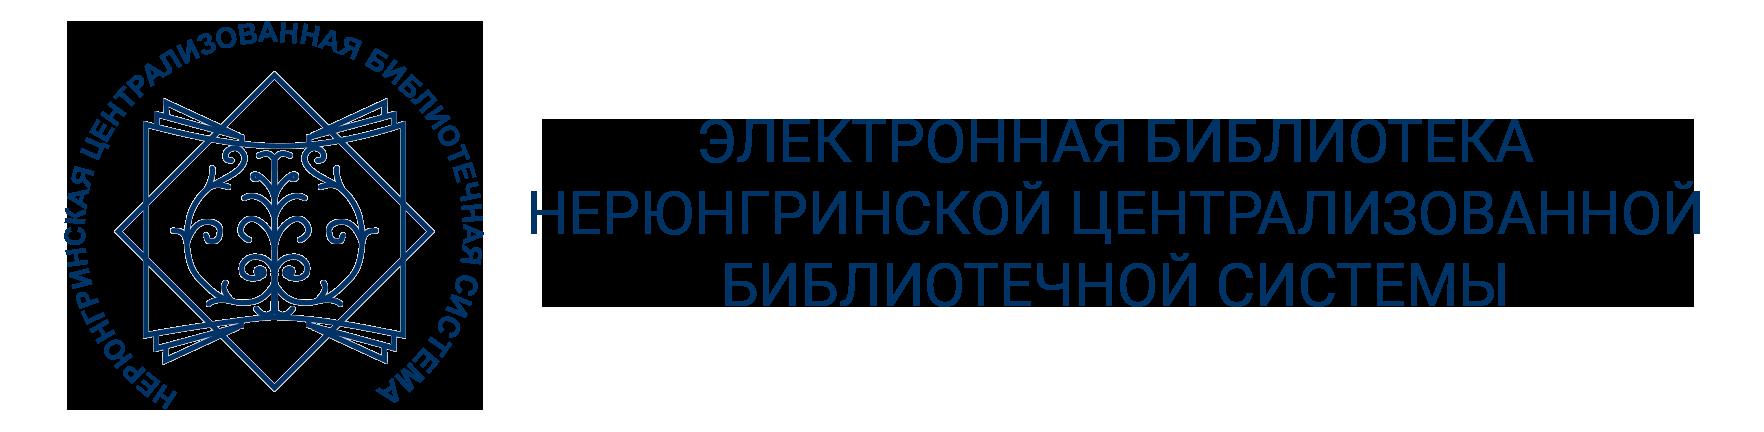 Электронная библиотека МБУК НЦБС